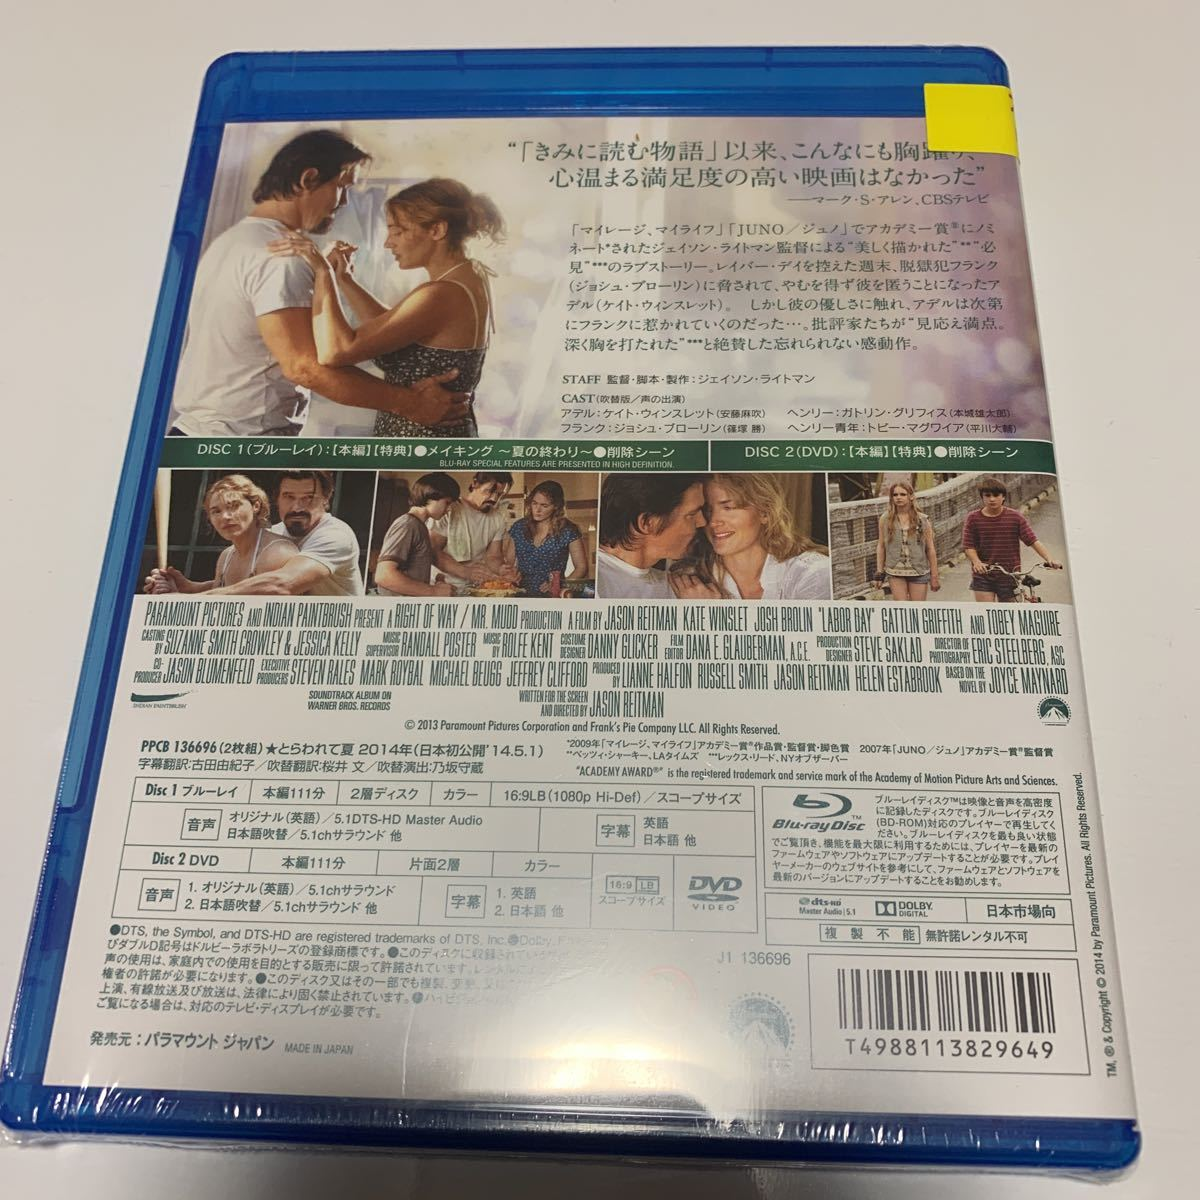 新品未開封 とらわれて夏 ブルーレイ+DVDセット(2枚組) Blu-ray日本語字幕 ケイトウィンスレット ガトリングリフィス トビーマグワイア_画像2